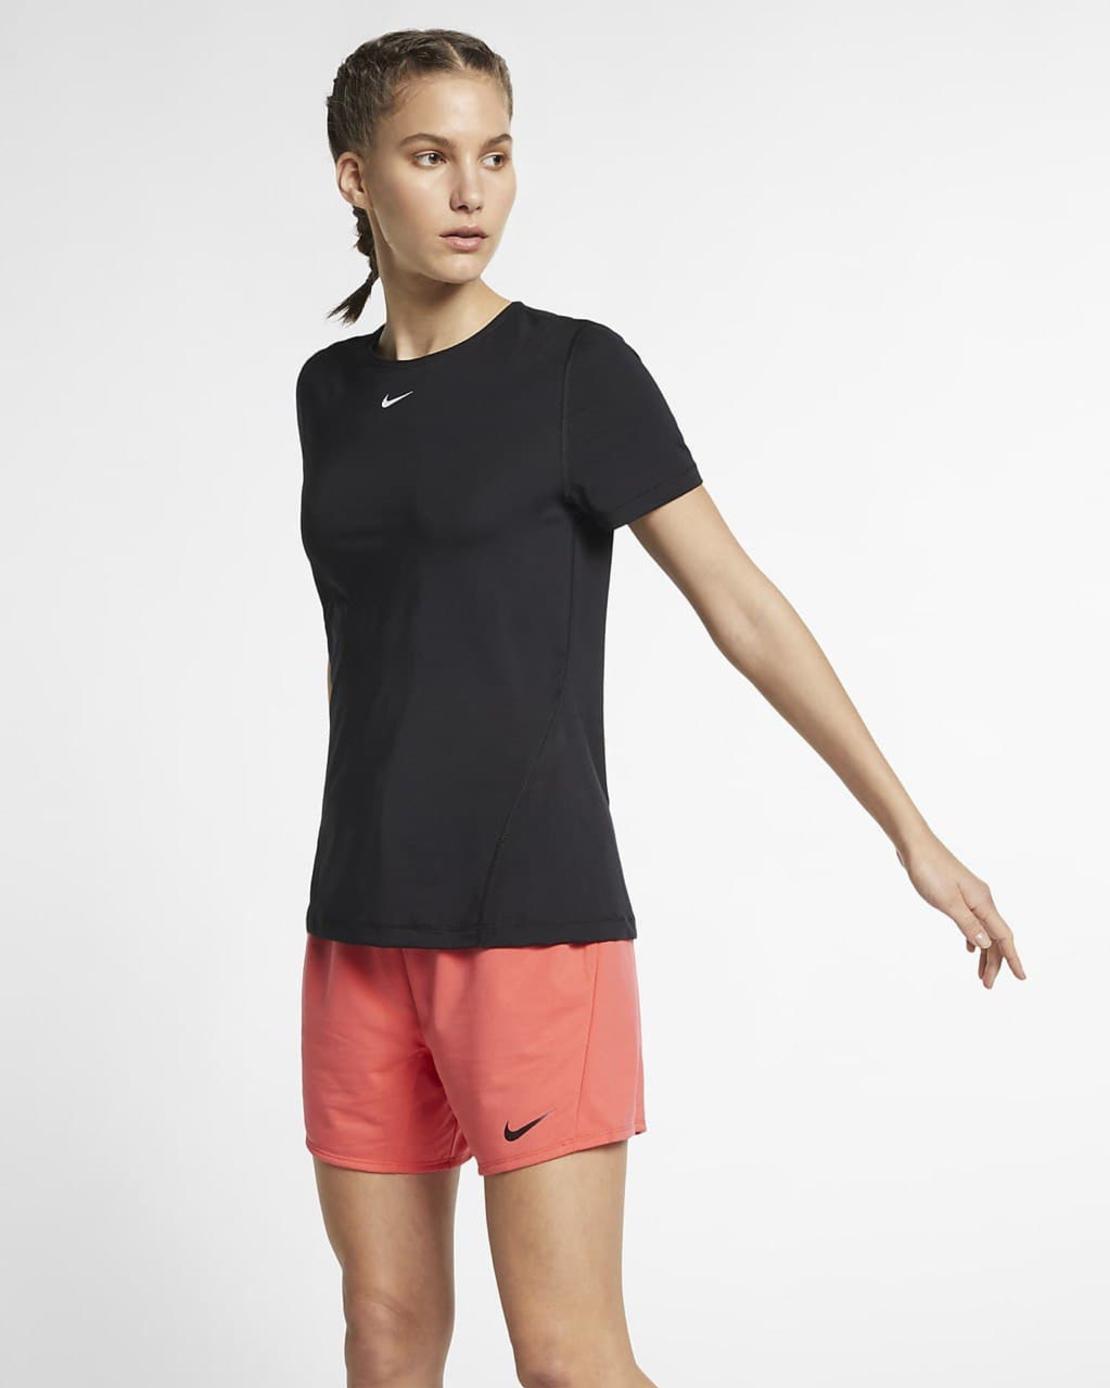 חולצת נייק נשים   Nike Pro Women's Mesh Training Top